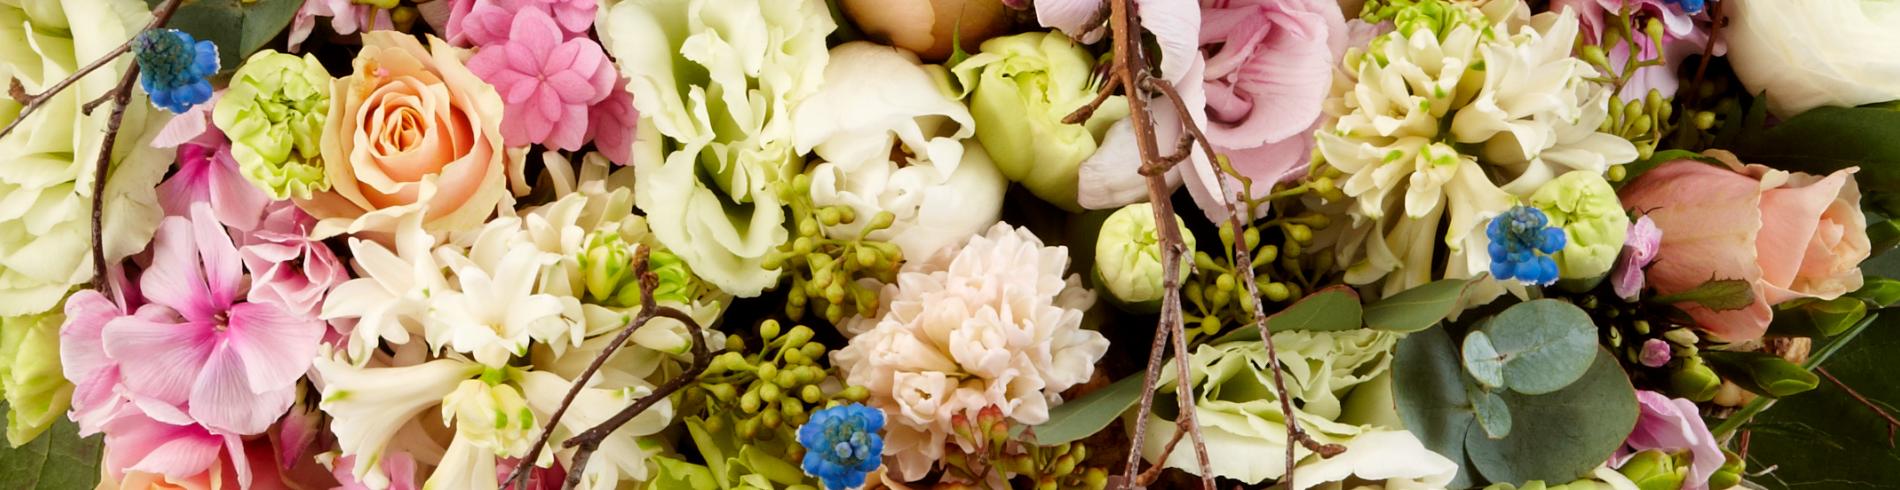 Blomster til alle livets begivenheder cover image